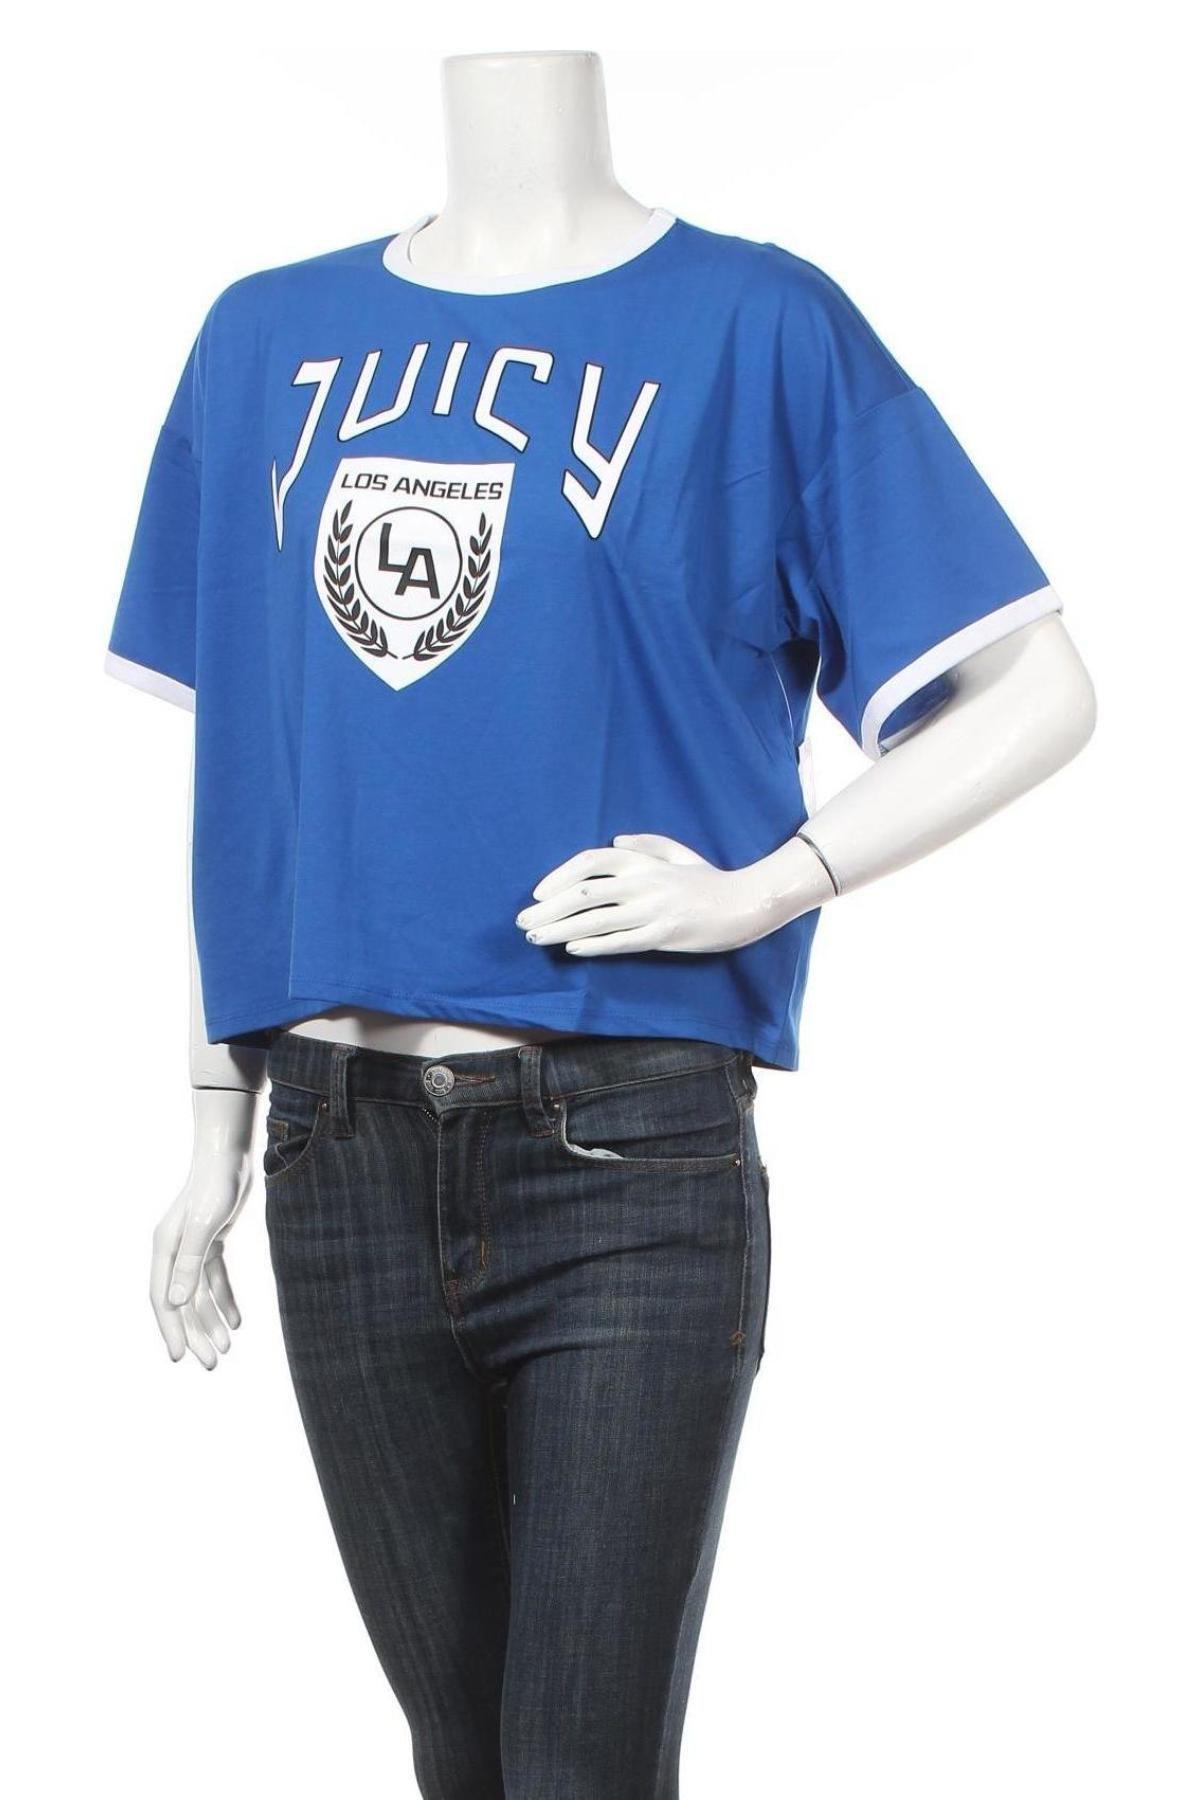 Дамска тениска Juicy Couture, Размер L, Цвят Син, 60% памук, 40% полиестер, Цена 13,20лв.